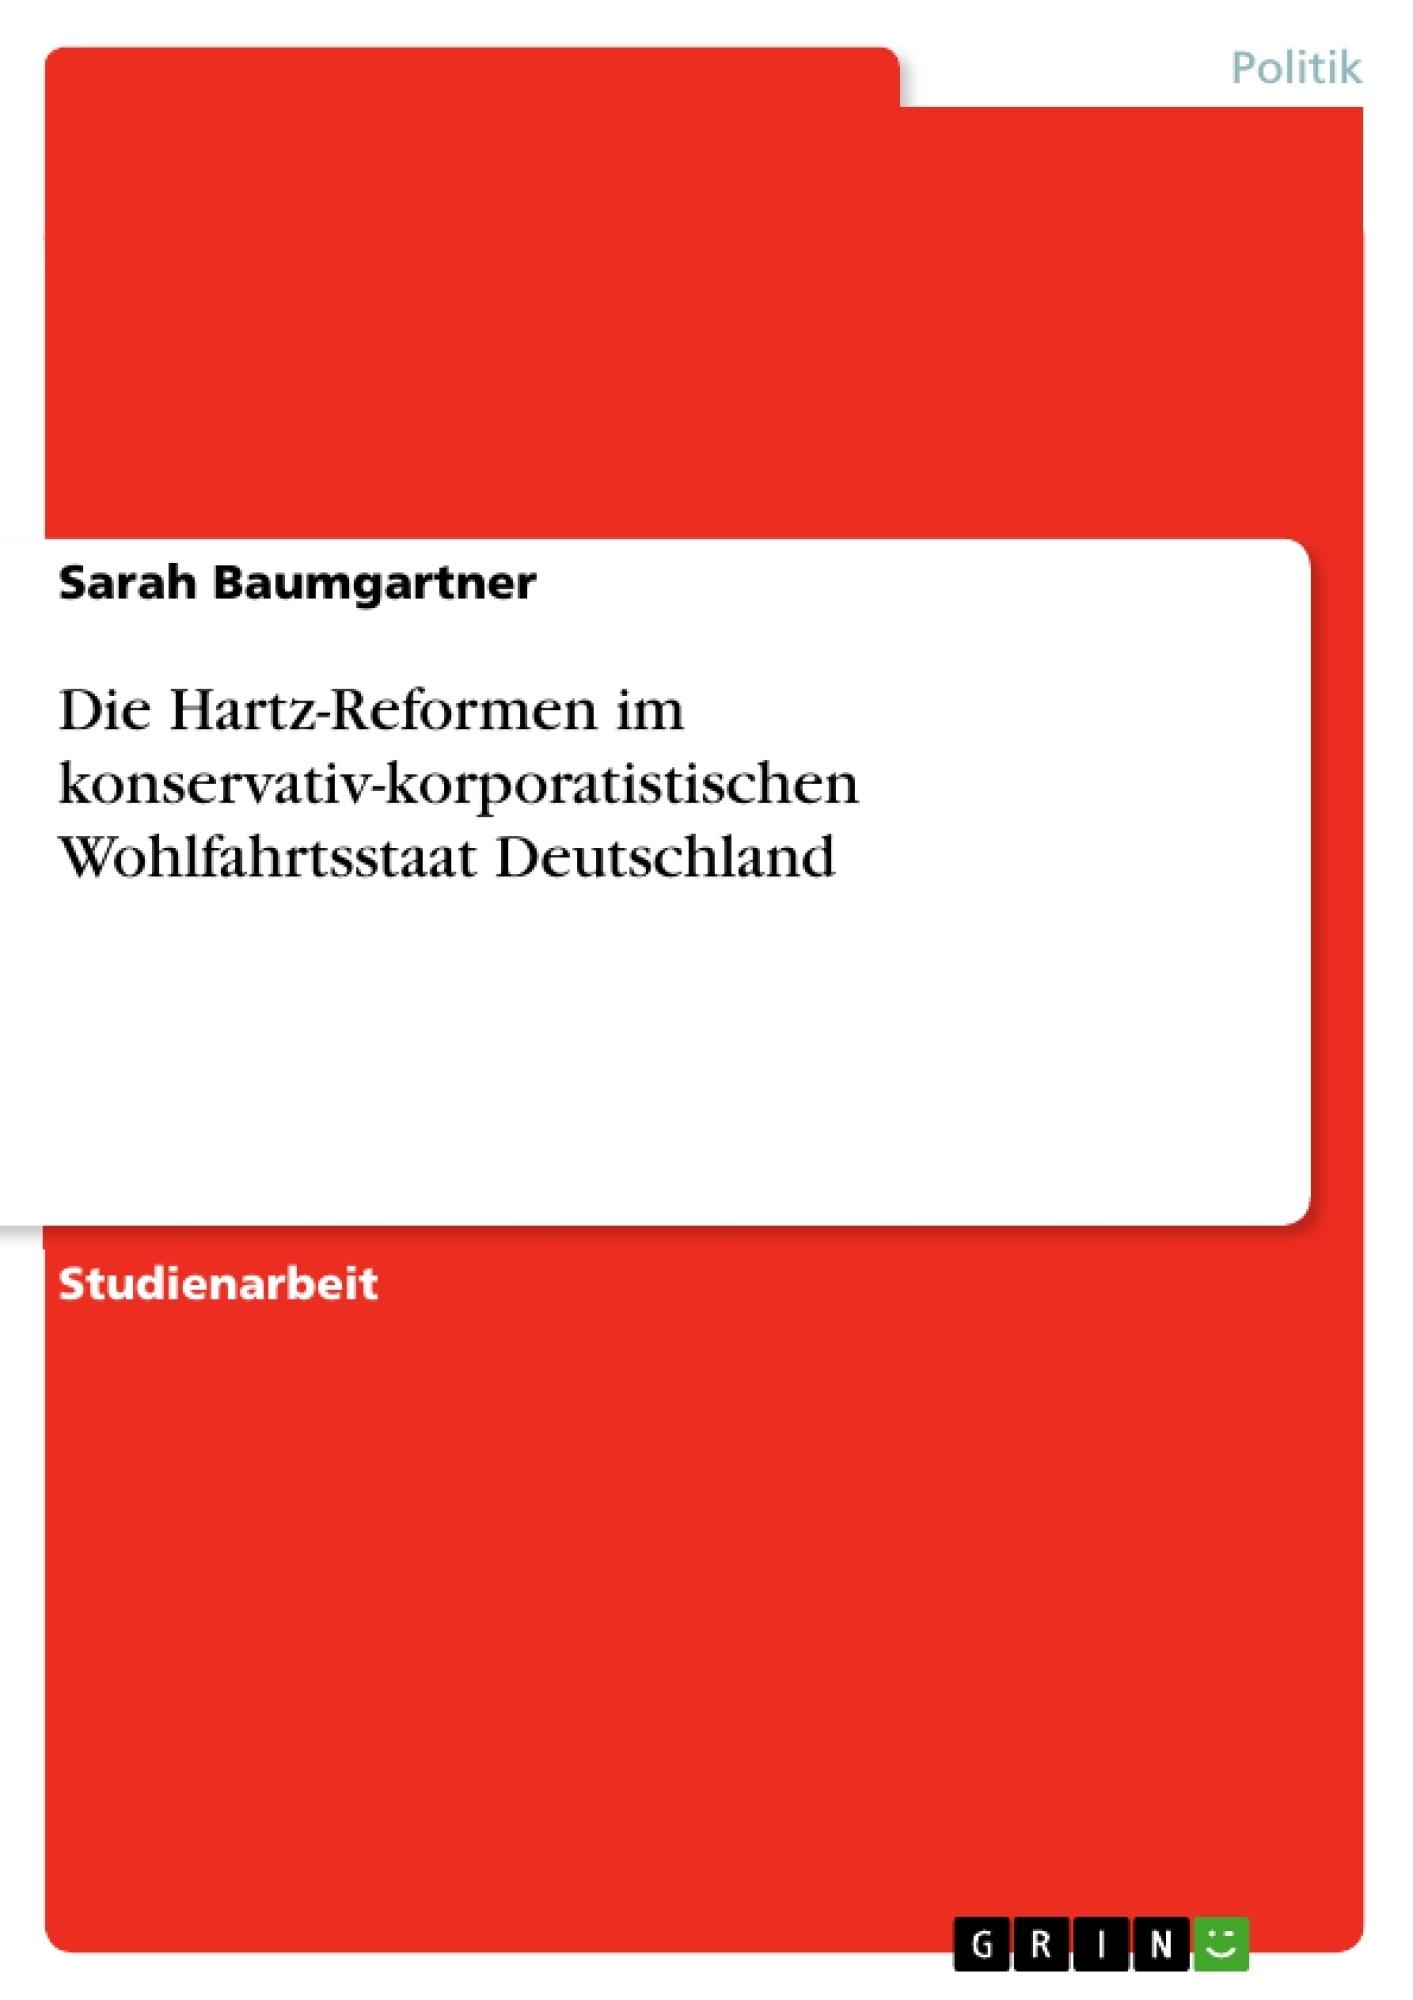 Titel: Die Hartz-Reformen im konservativ-korporatistischen Wohlfahrtsstaat Deutschland